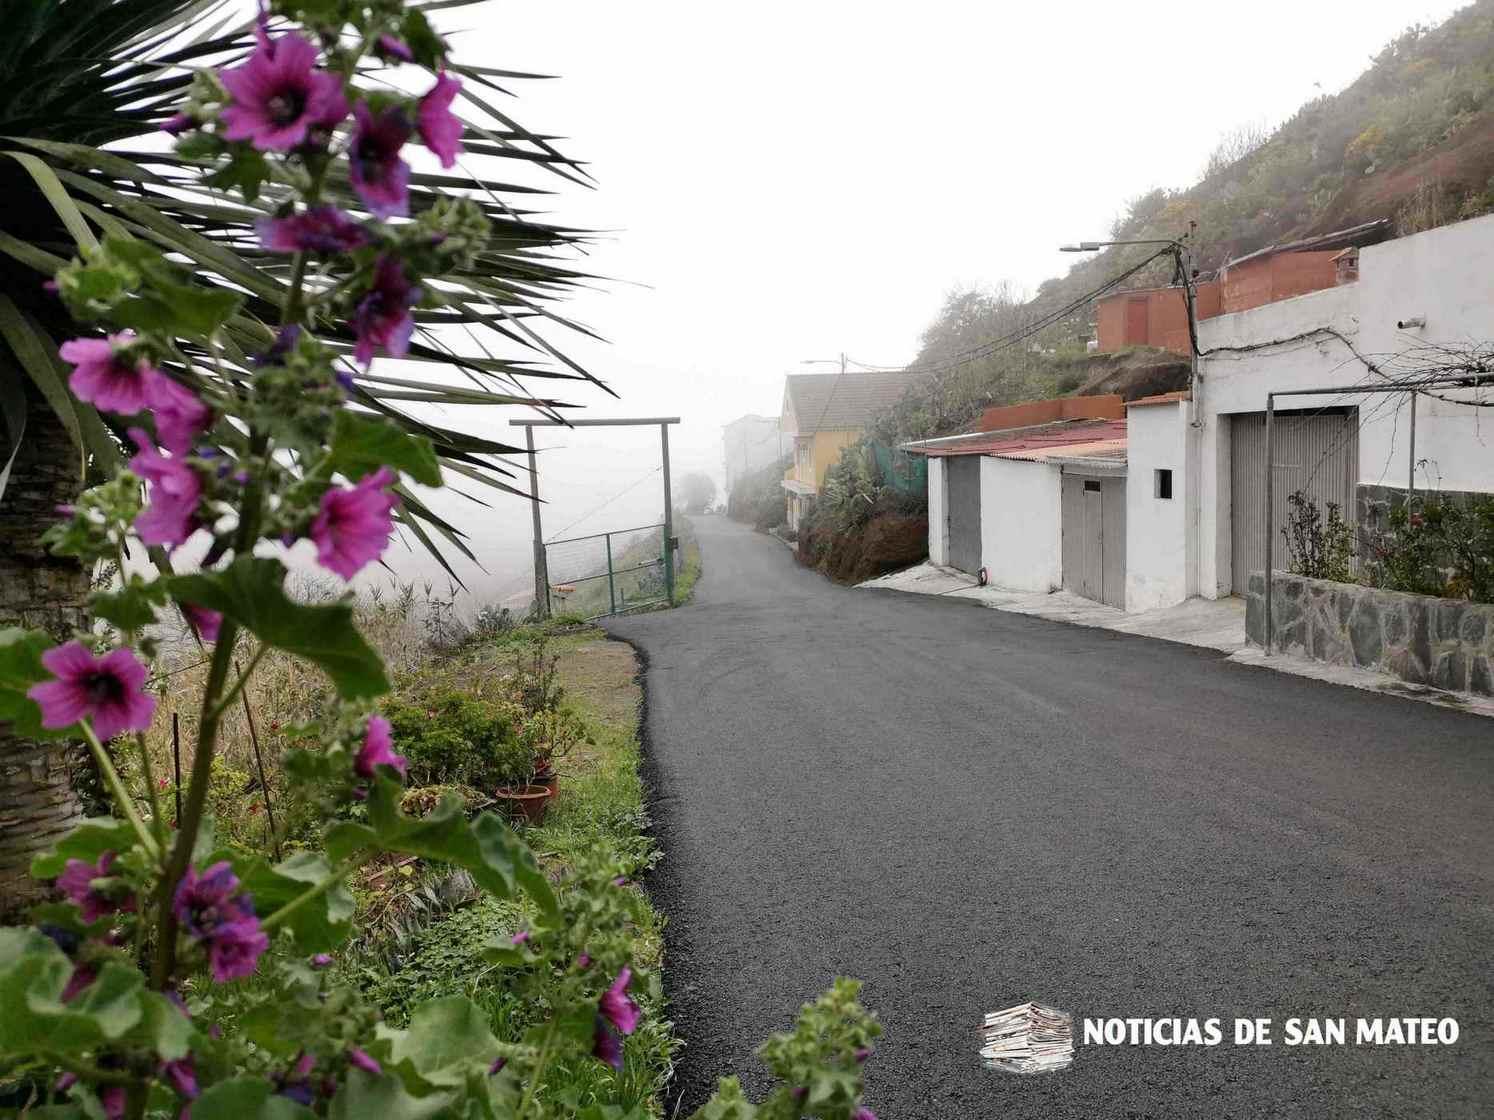 Finalizada tareas de reafaltado en Camaretas dirección carretera de la Hoya variante Aula de la naturaleza 2